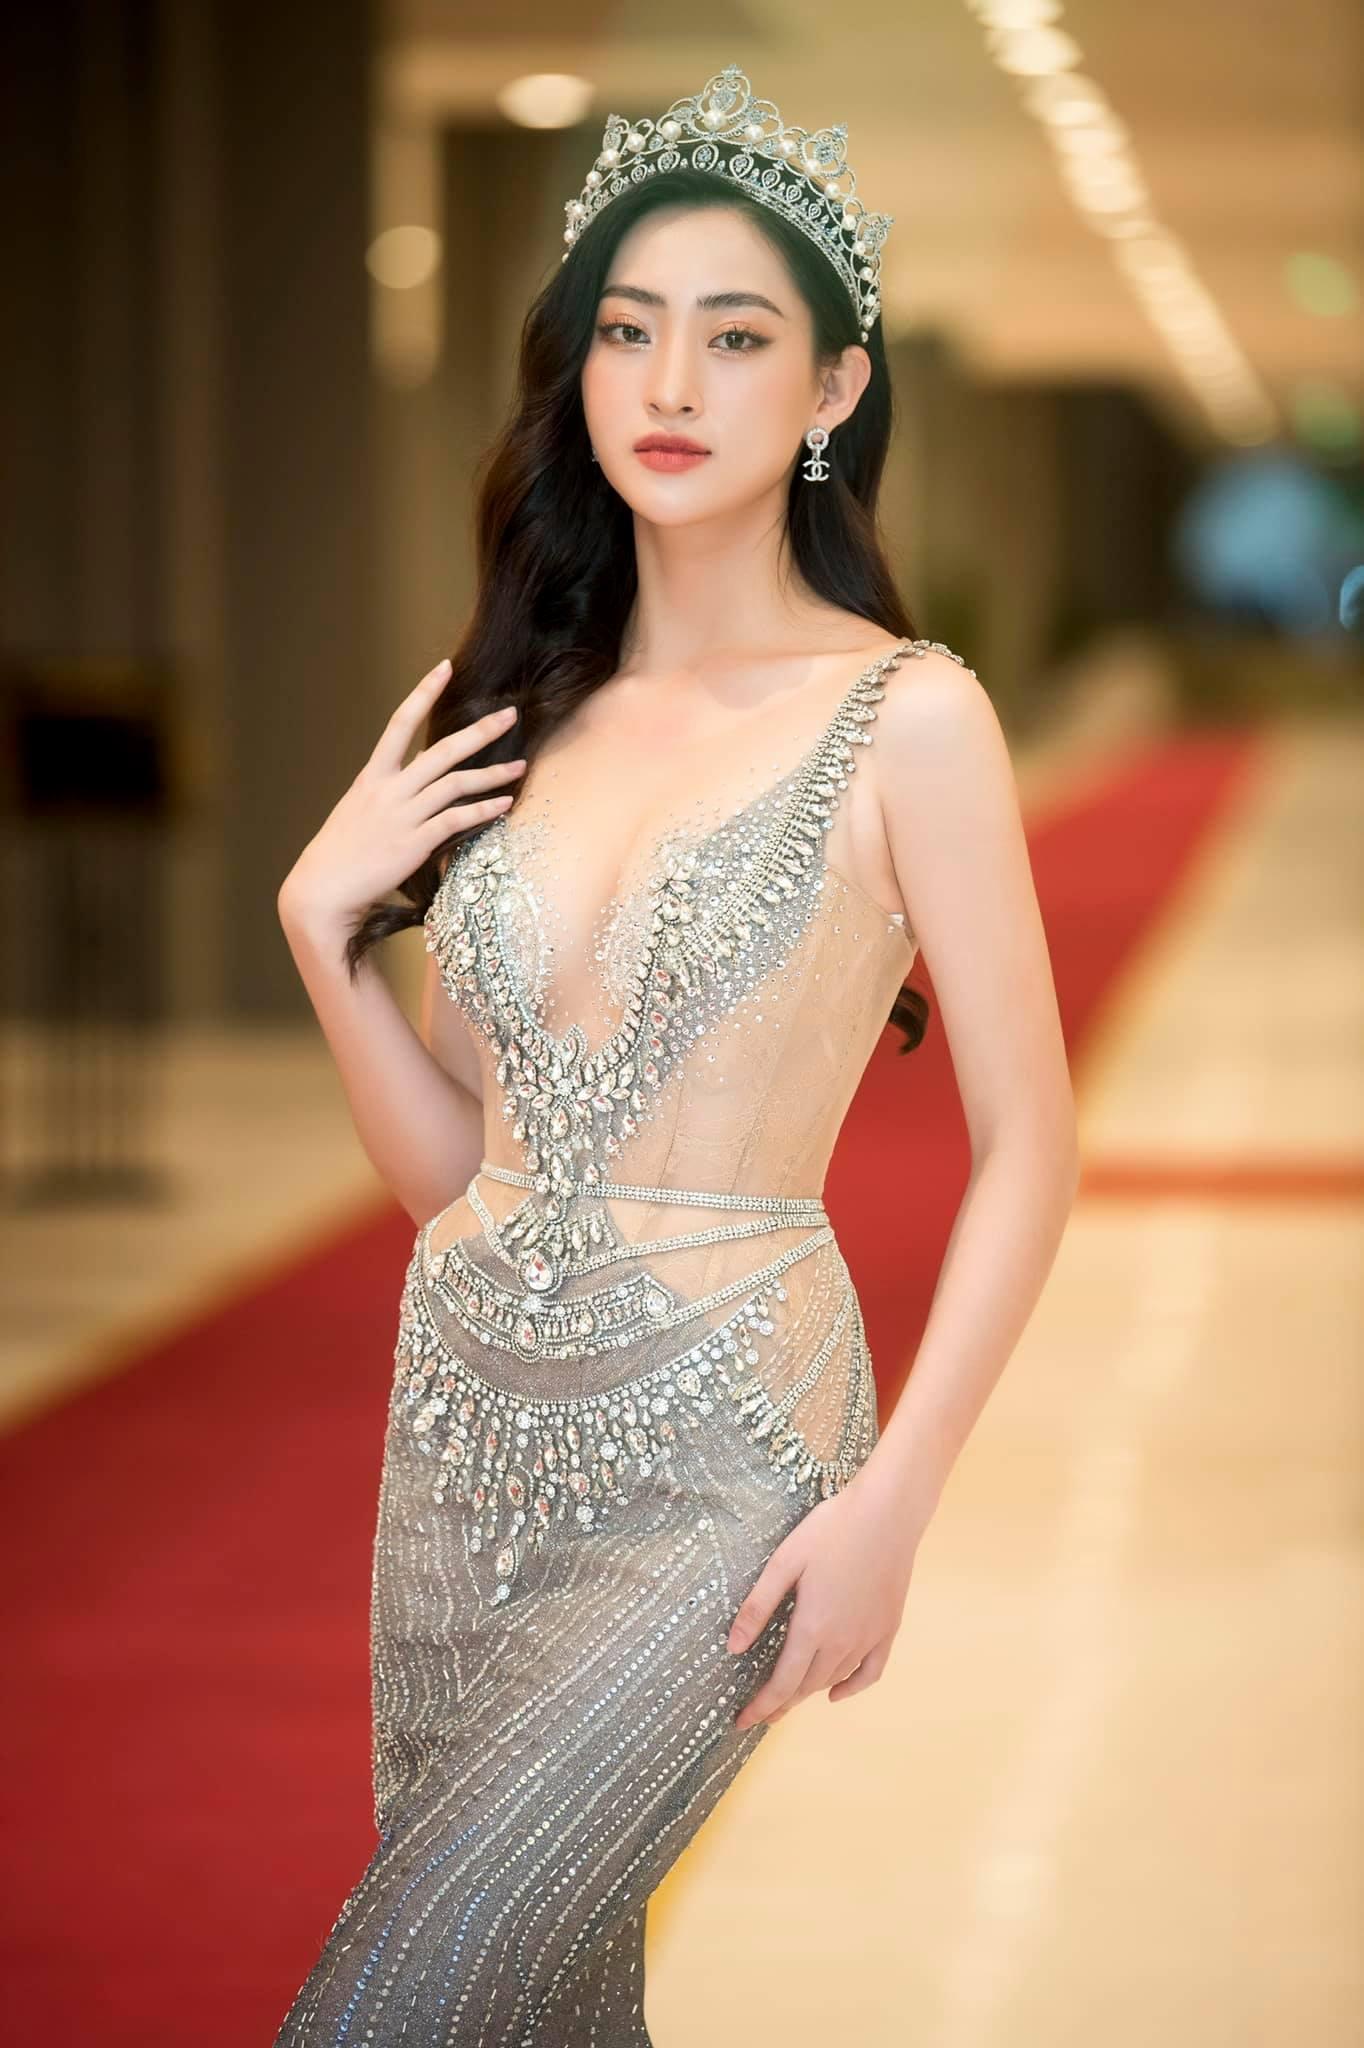 Hoa hậu Cao Bằng có số đo đẹp nhất lịch sử quấn khăn như thần Vệ nữ tôn body tượng tạc - hình ảnh 5